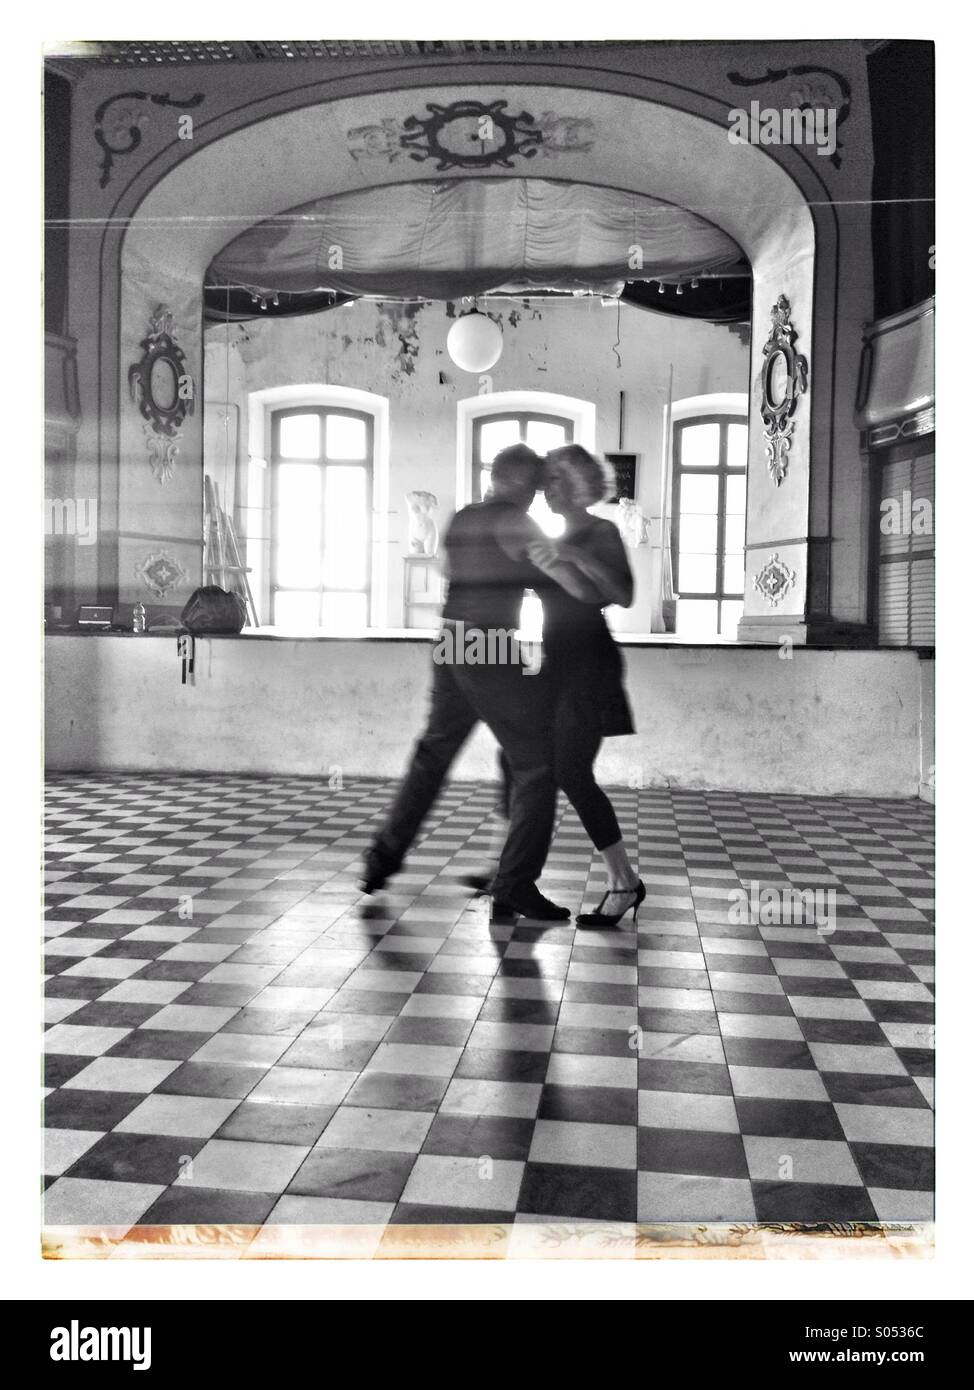 Pareja de bailarines de tango. Imagen De Stock